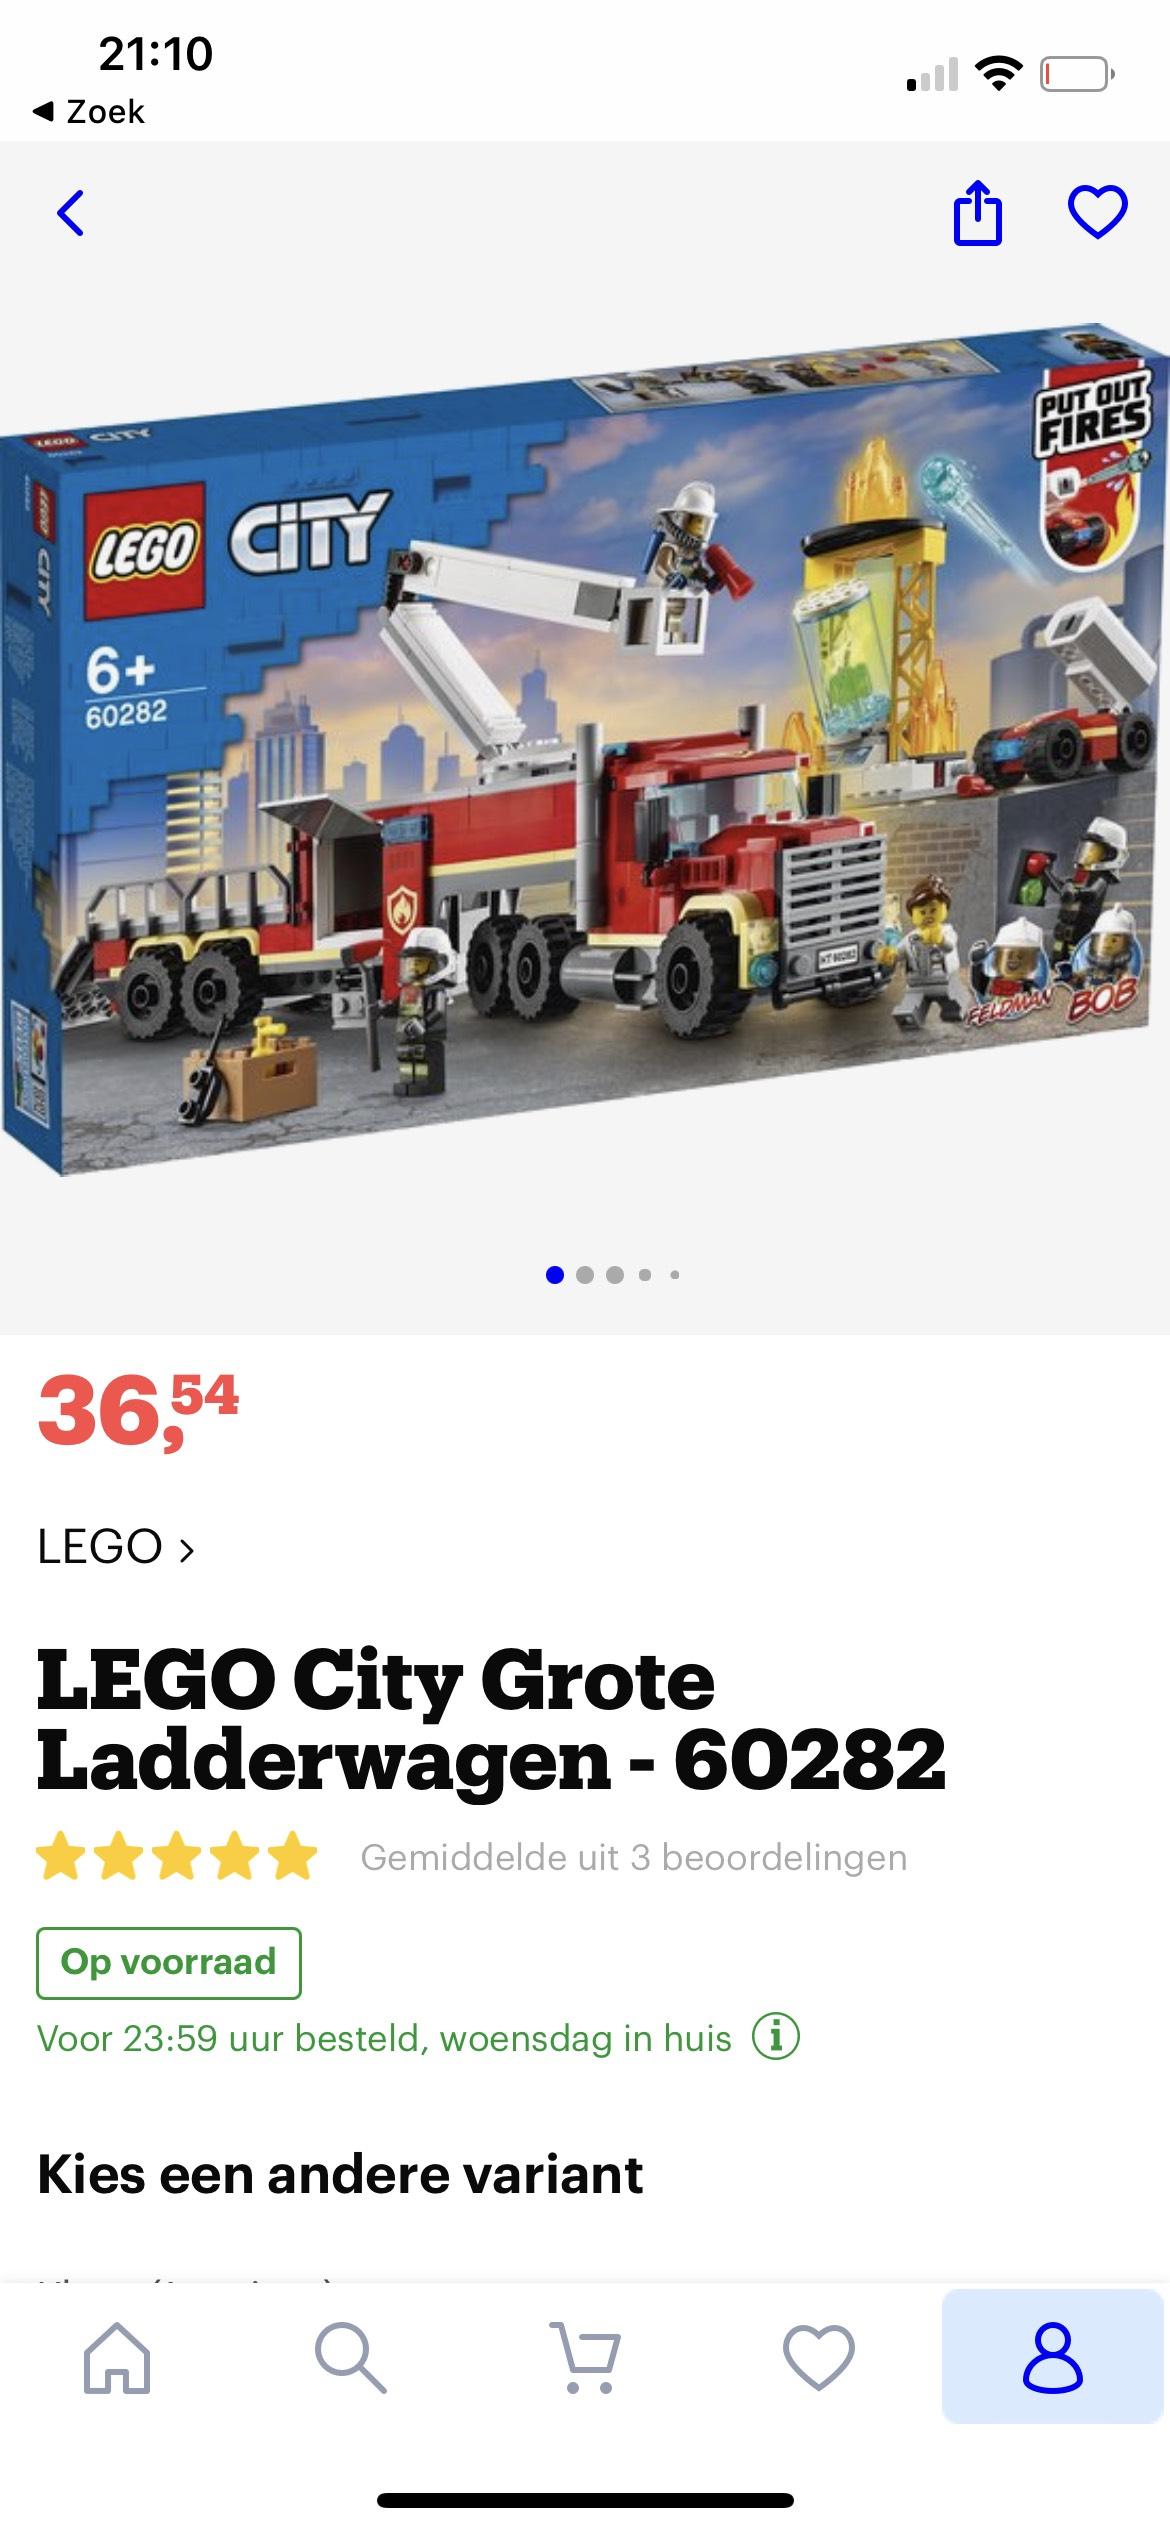 Lego City Grote Ladderwagen 60282 *Laagste prijs ooit